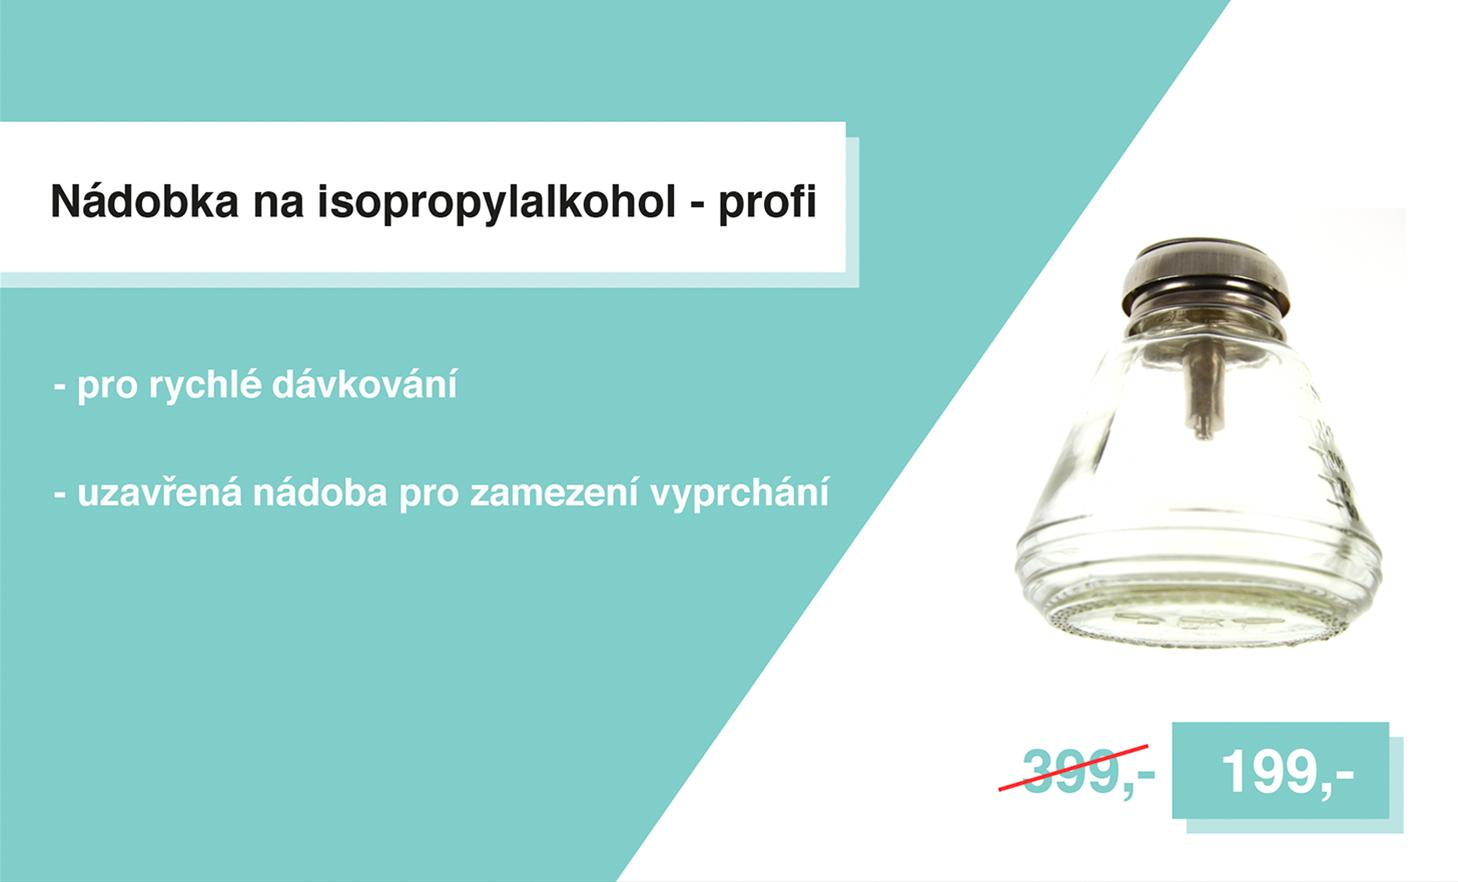 Nádobka na isopropylalkohol - profi